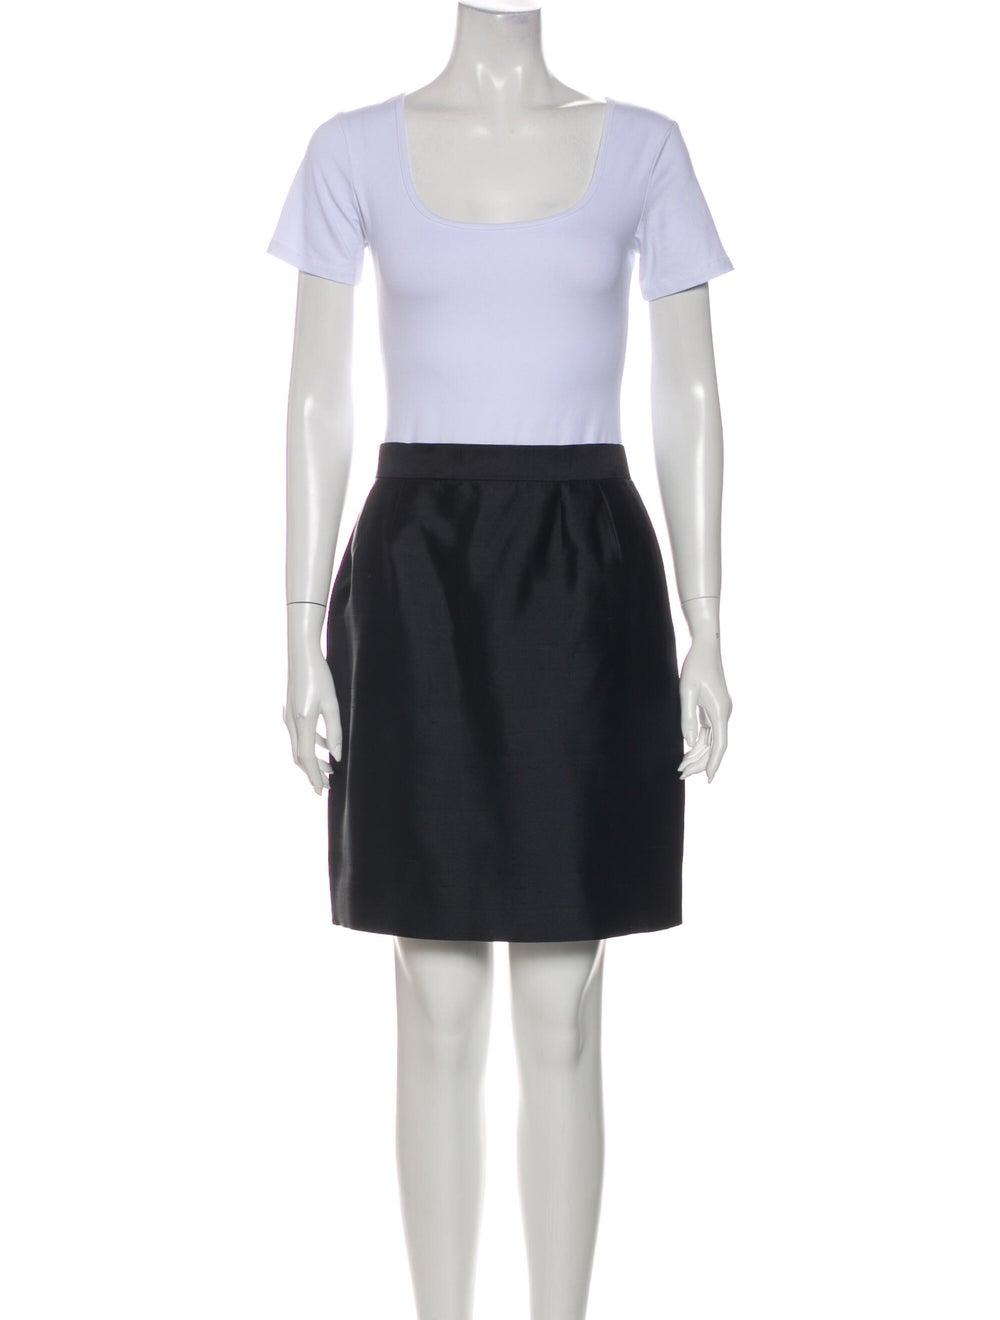 Christian Dior Vintage 1980's Skirt Suit Black - image 4